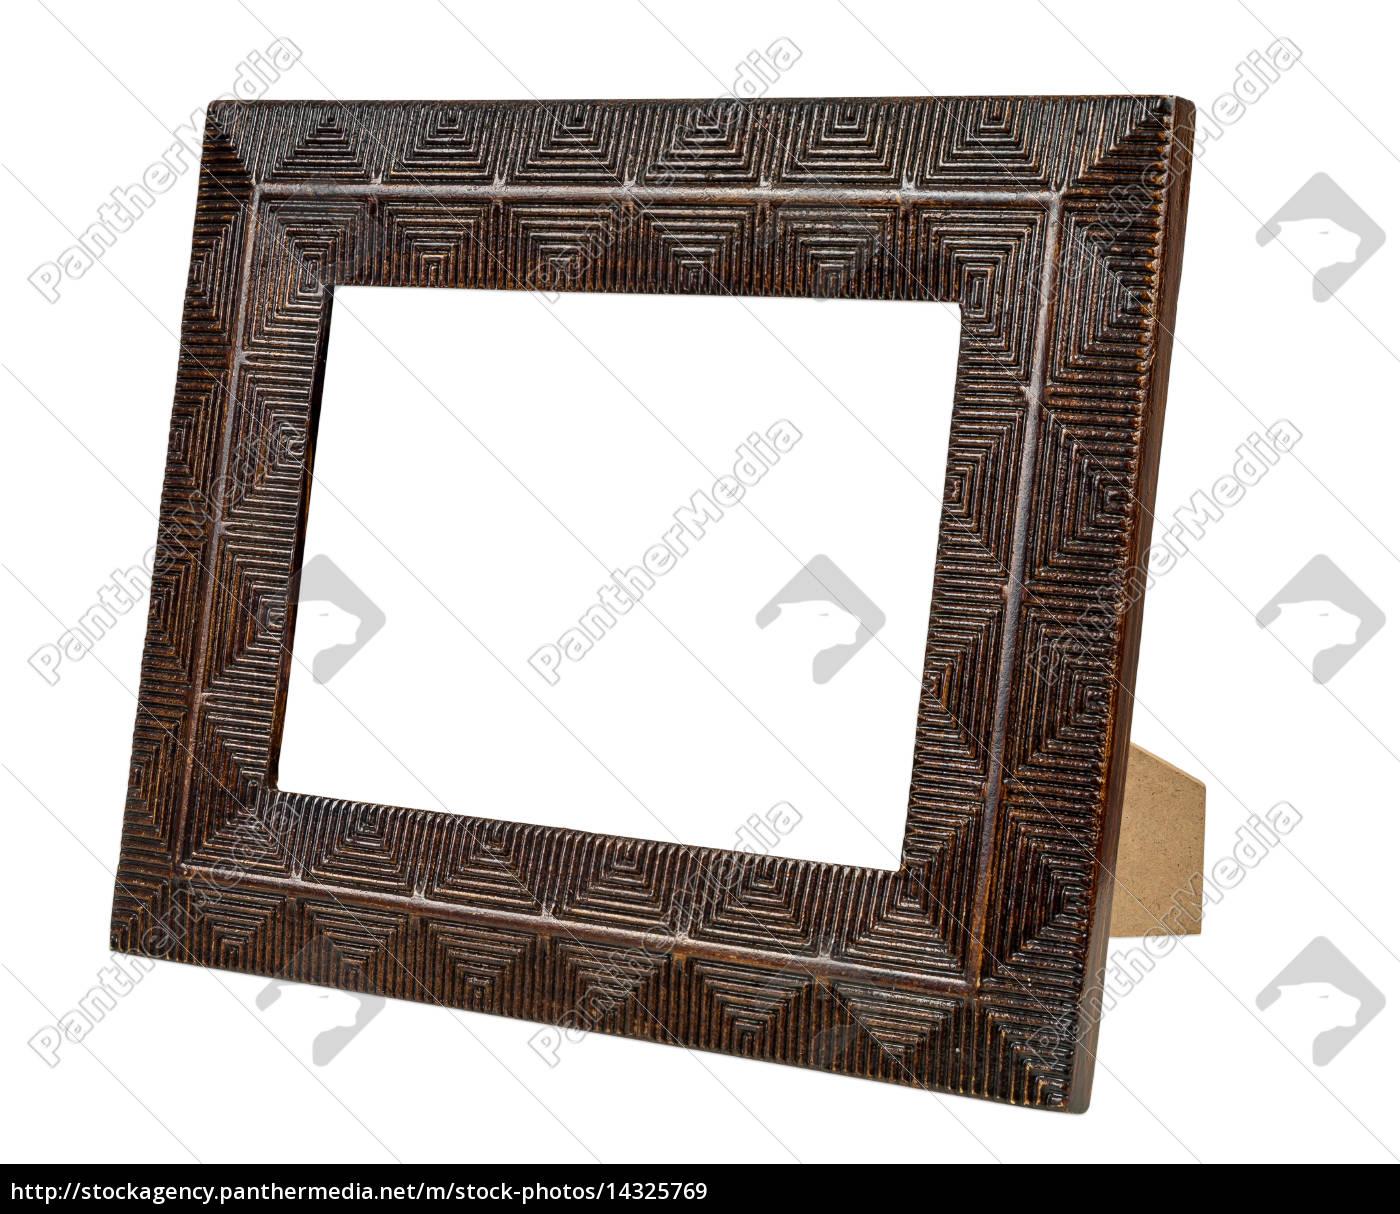 marco, de, cuadro, de, bronce, decorativo - 14325769